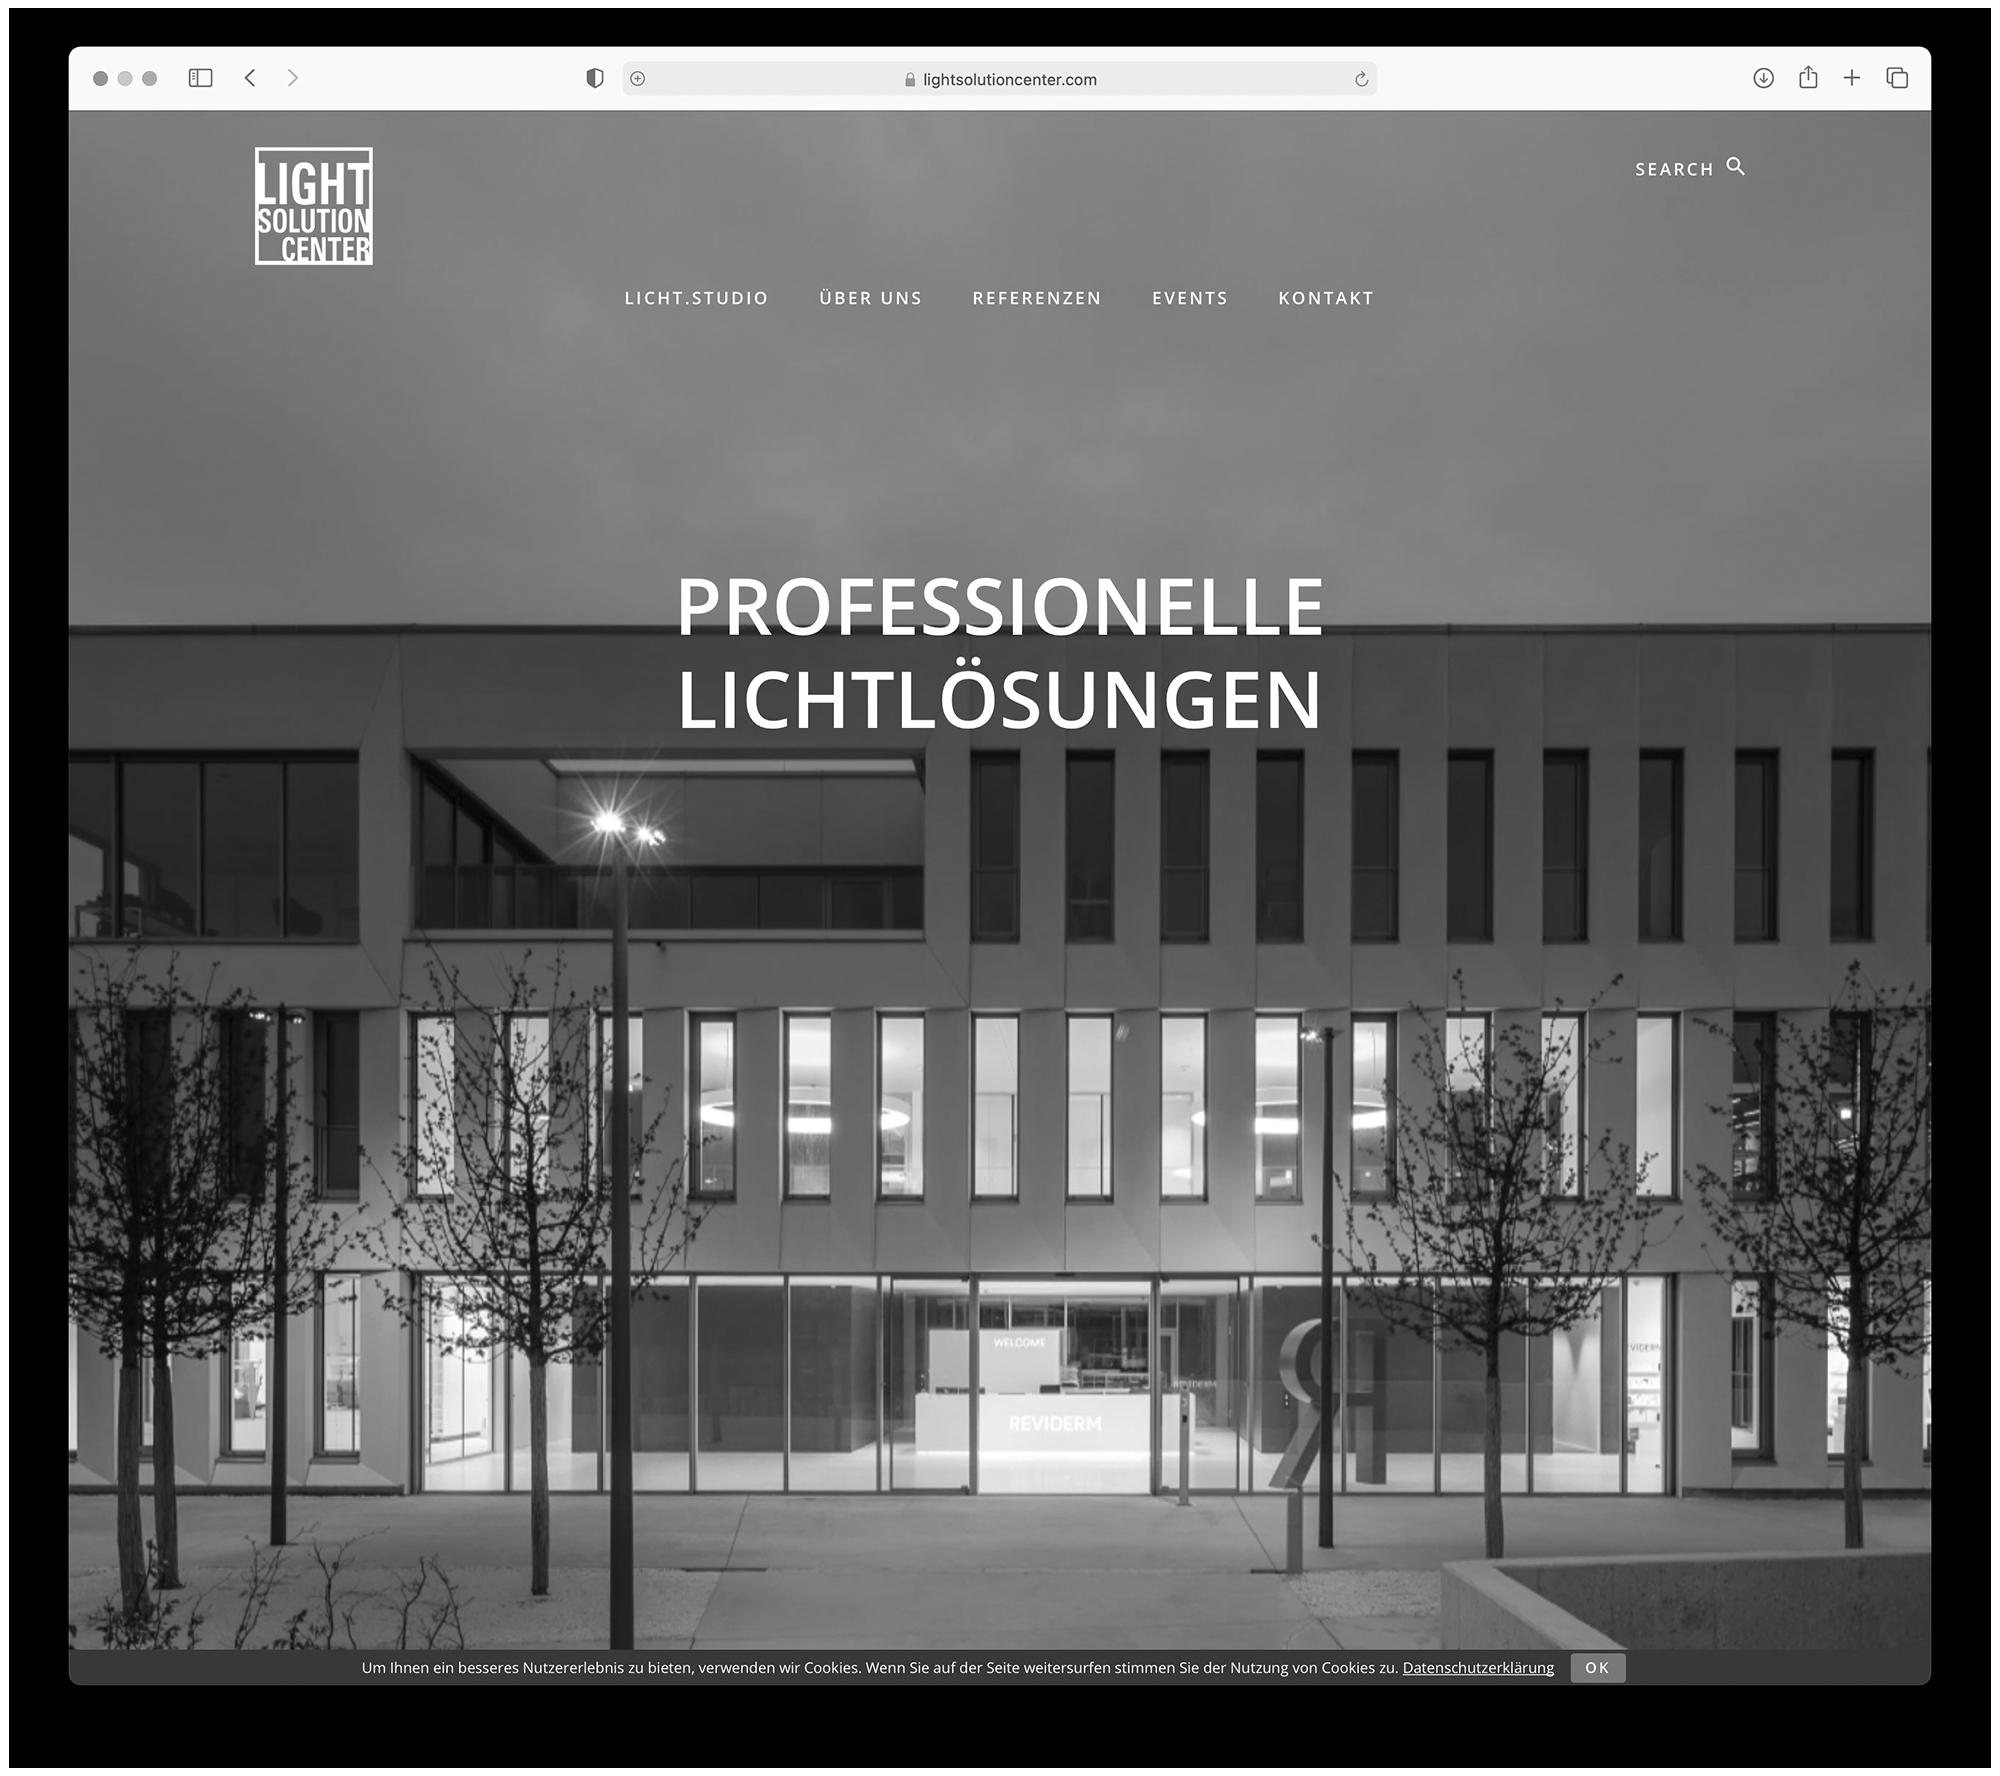 designbyschauer Website lightsolutioncenter